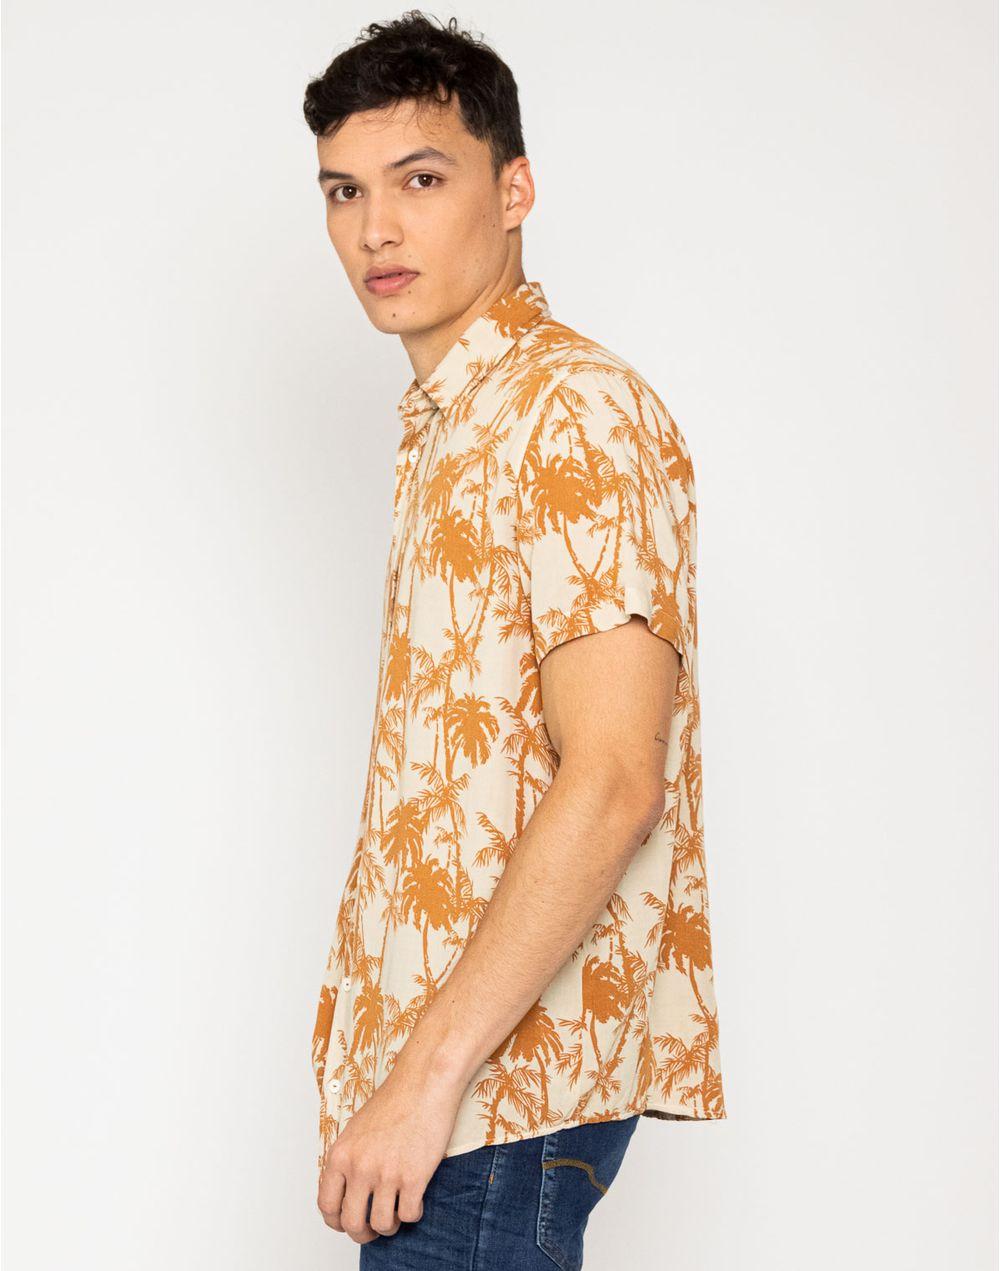 camisa-113126-crudo-1.jpg